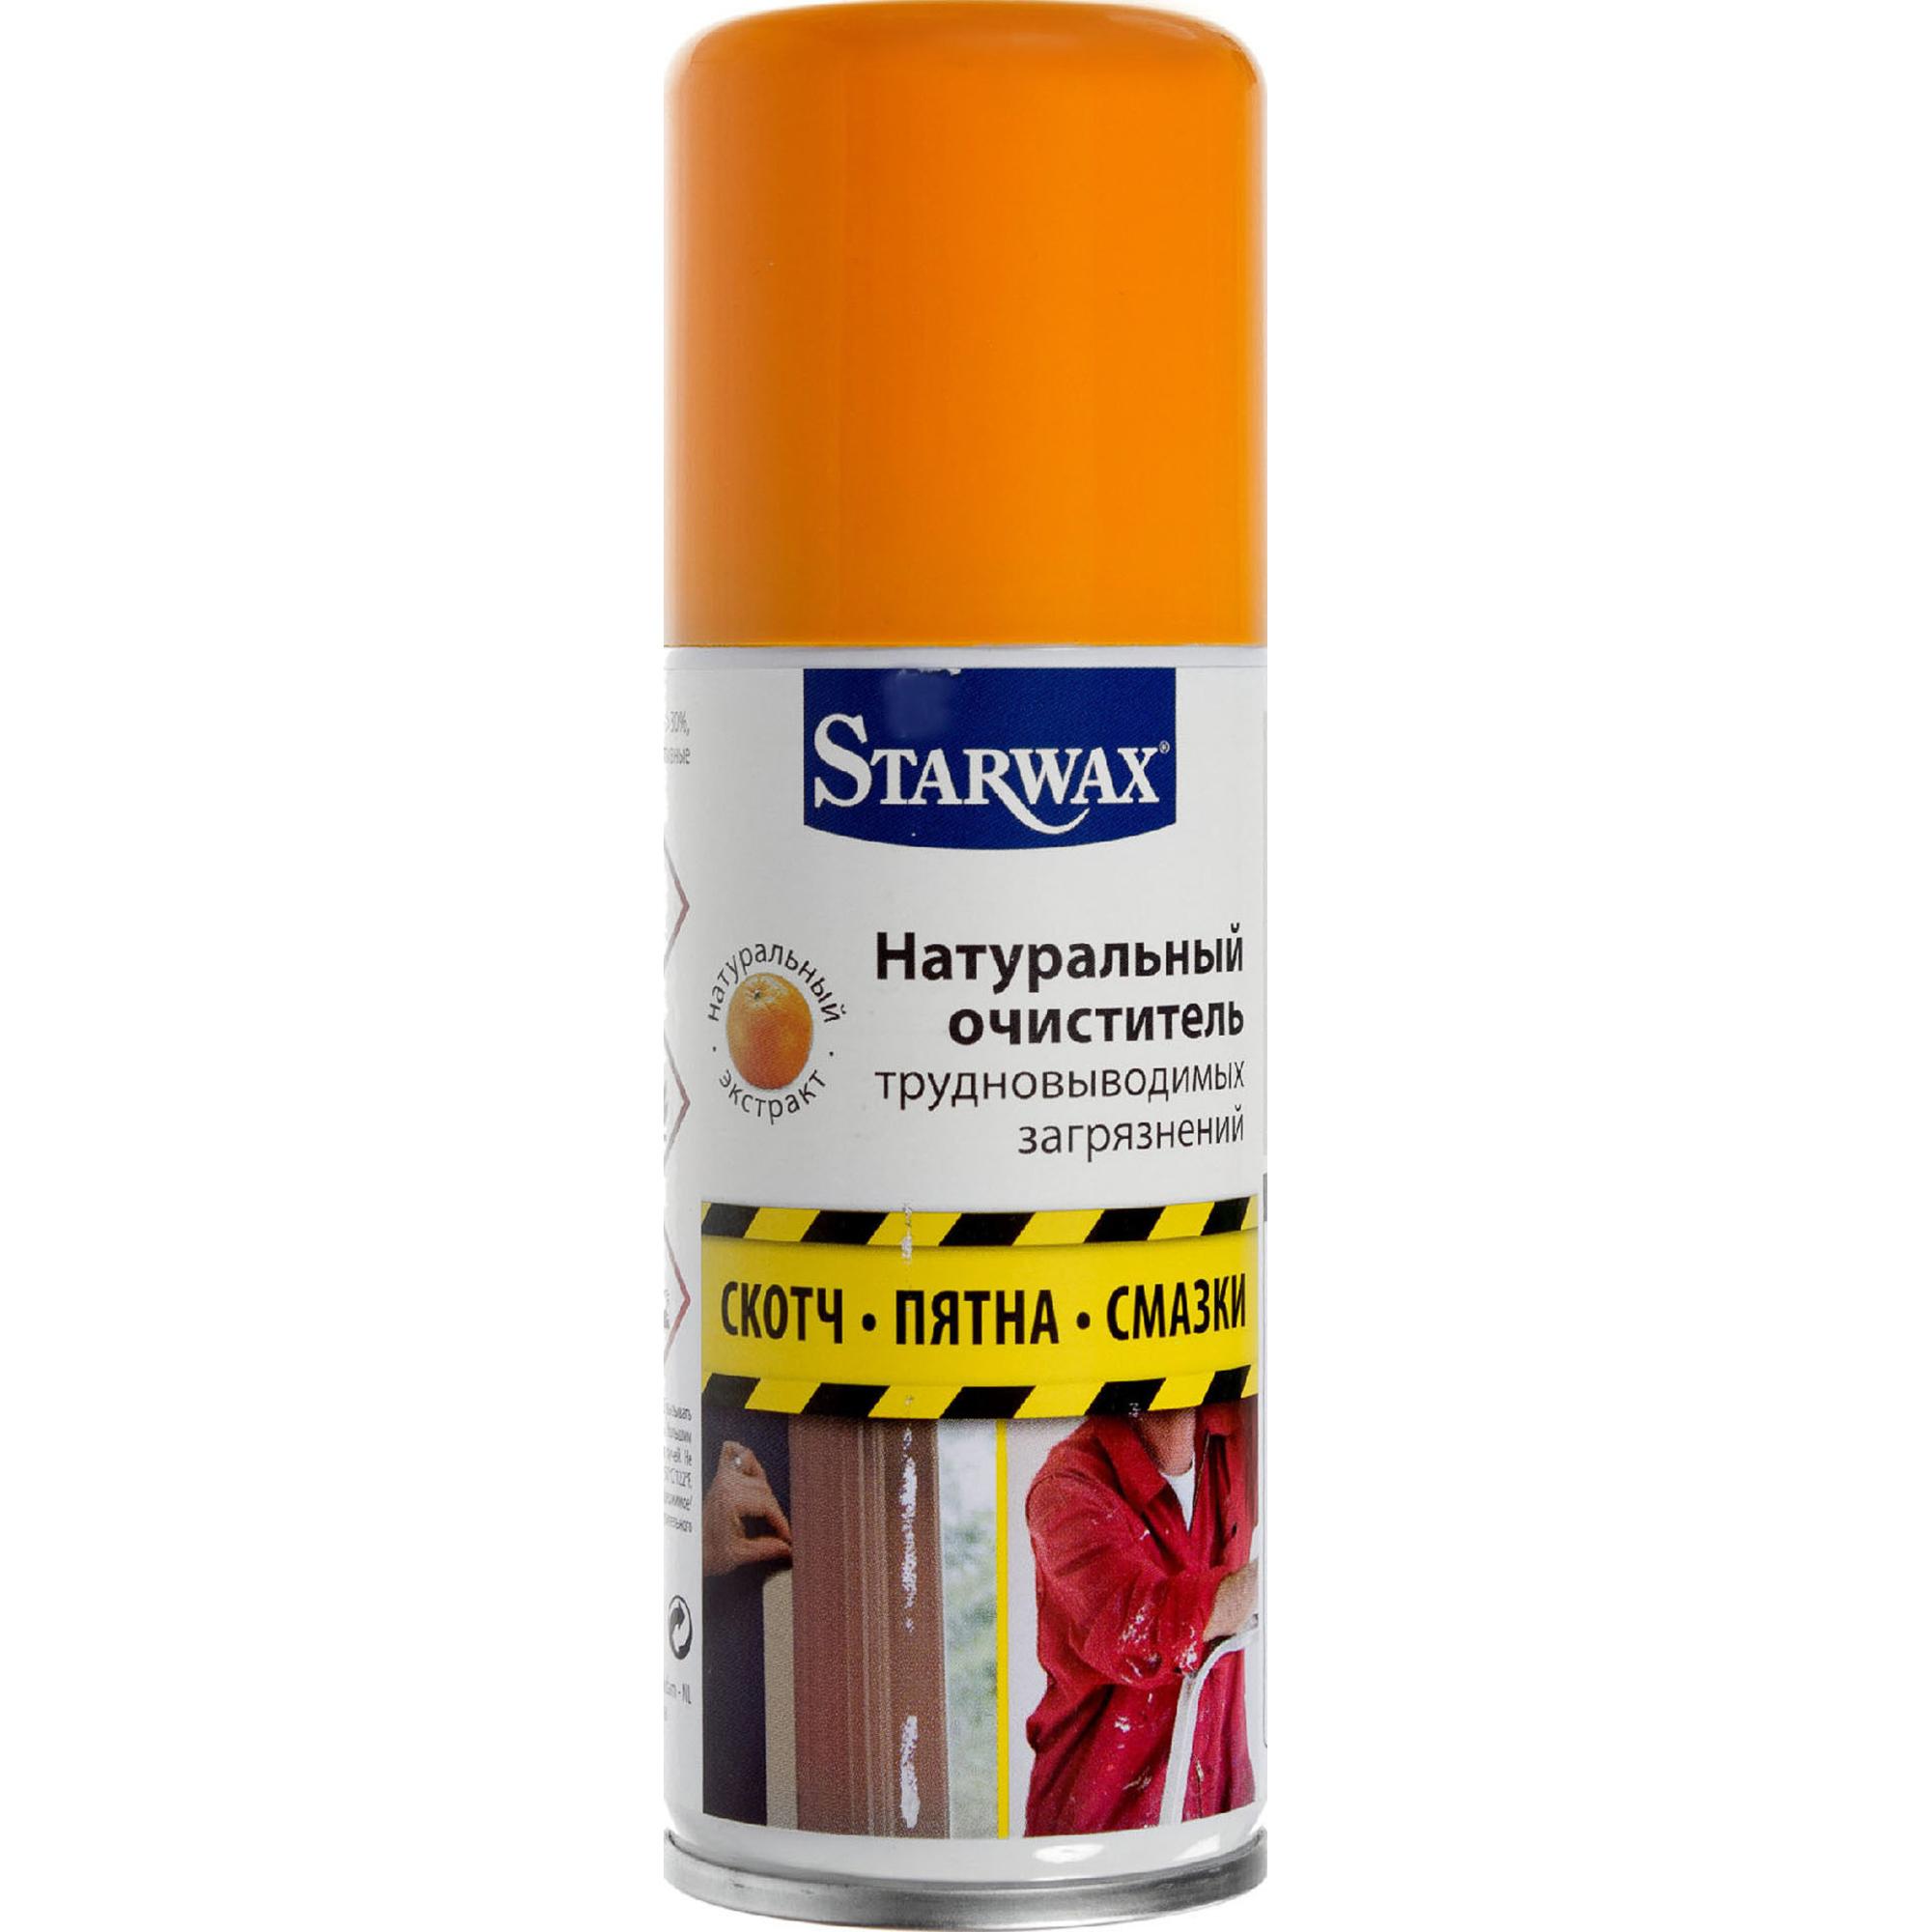 Очиститель натуральный Starwax Для трудно выводимых загрязнений 100 мл